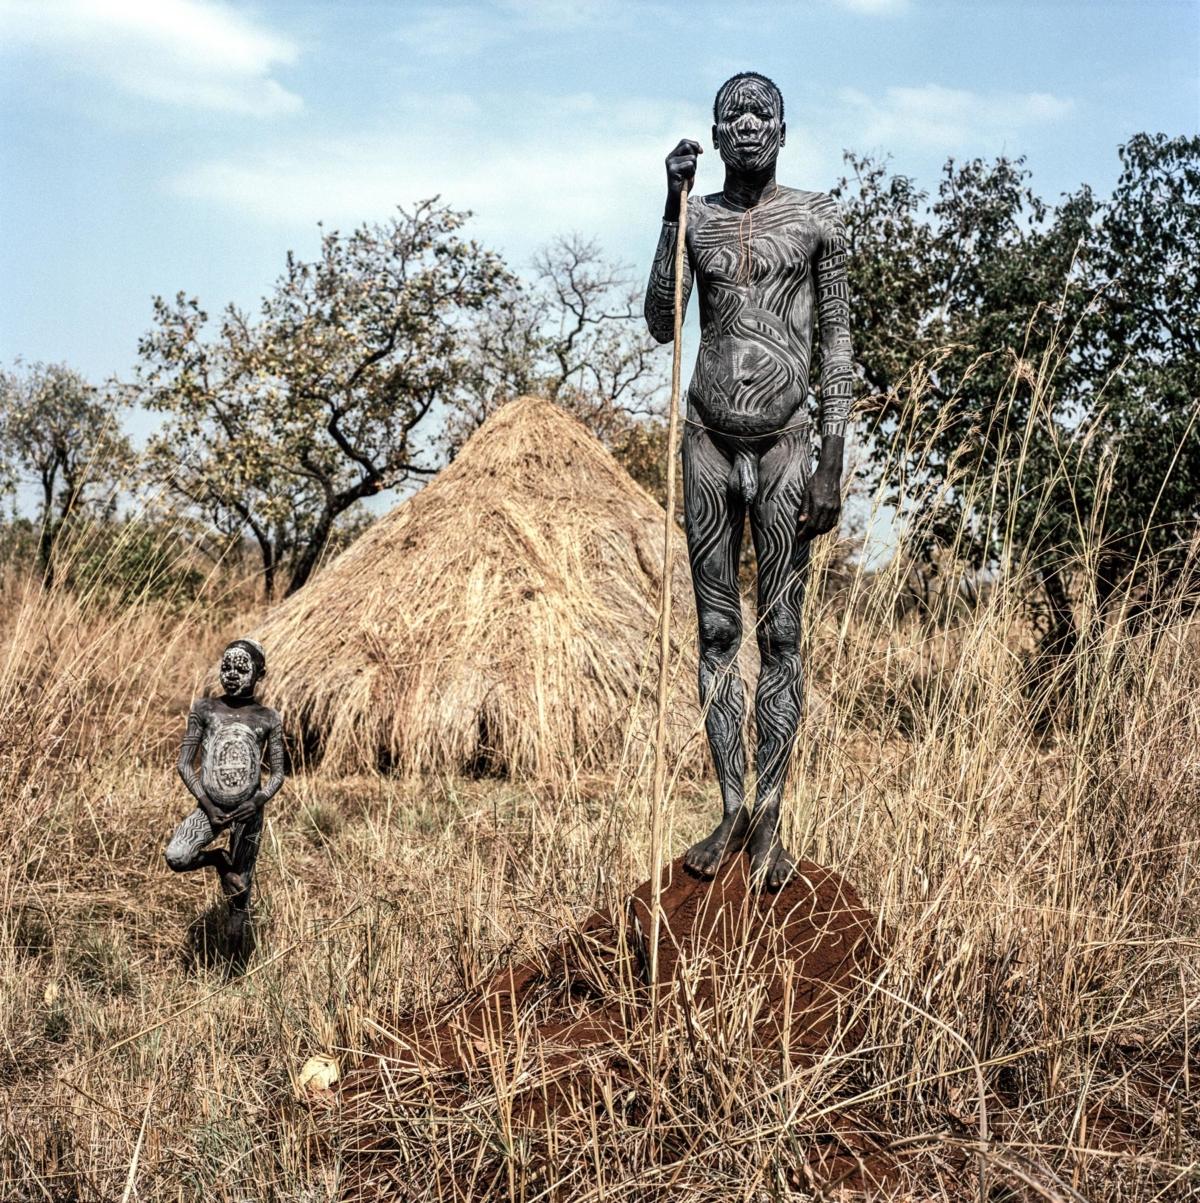 Surmas #8, Ethiopie, 2011 Photographie Fine Art print sur papier Hahnemühle 100 x 100 cm, SG-SU08 ©Stephan Gladieu